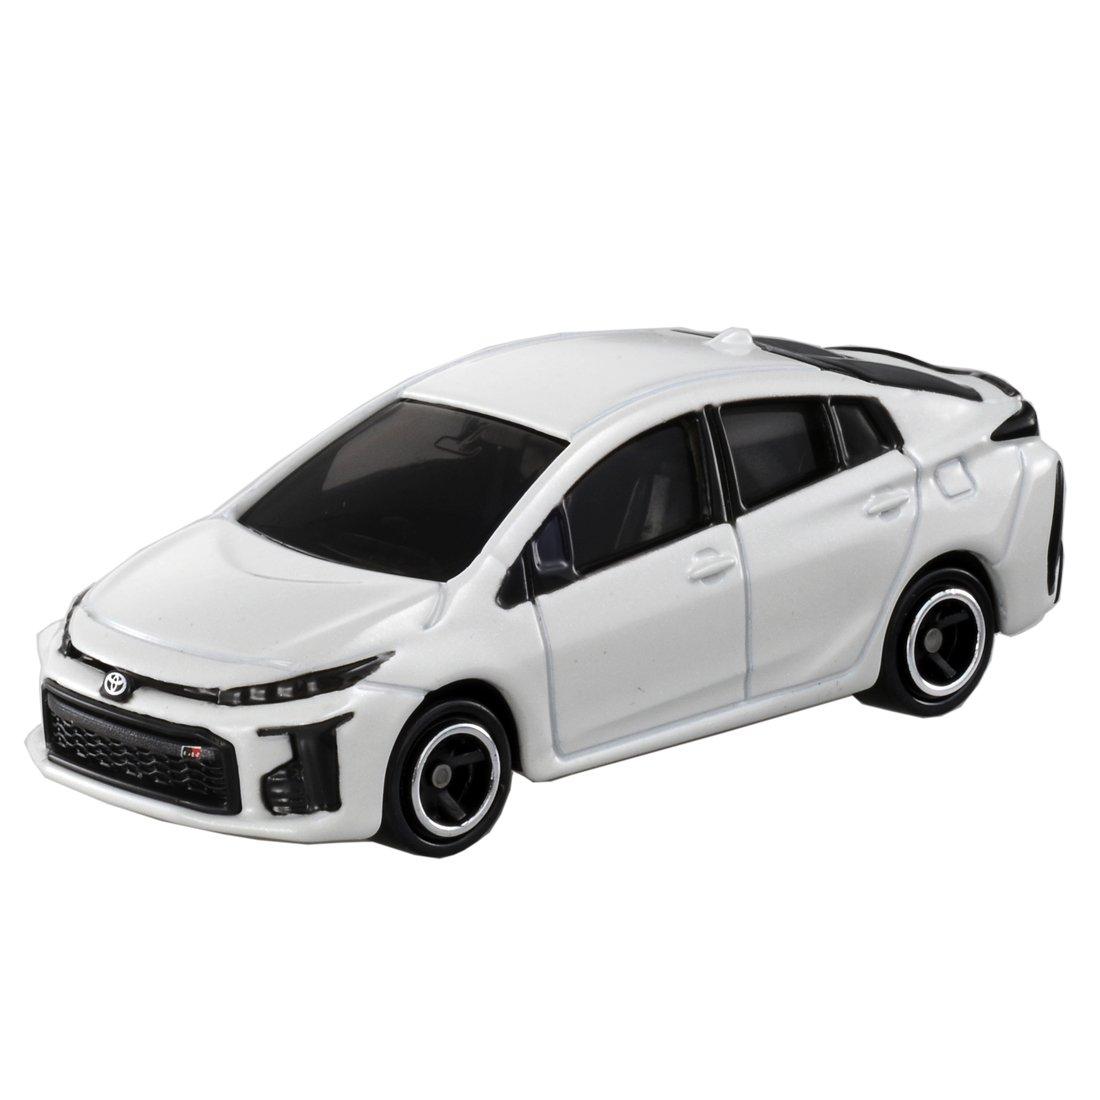 TOMICA 多美小汽車201805 #76 豐田PRIUS PHV